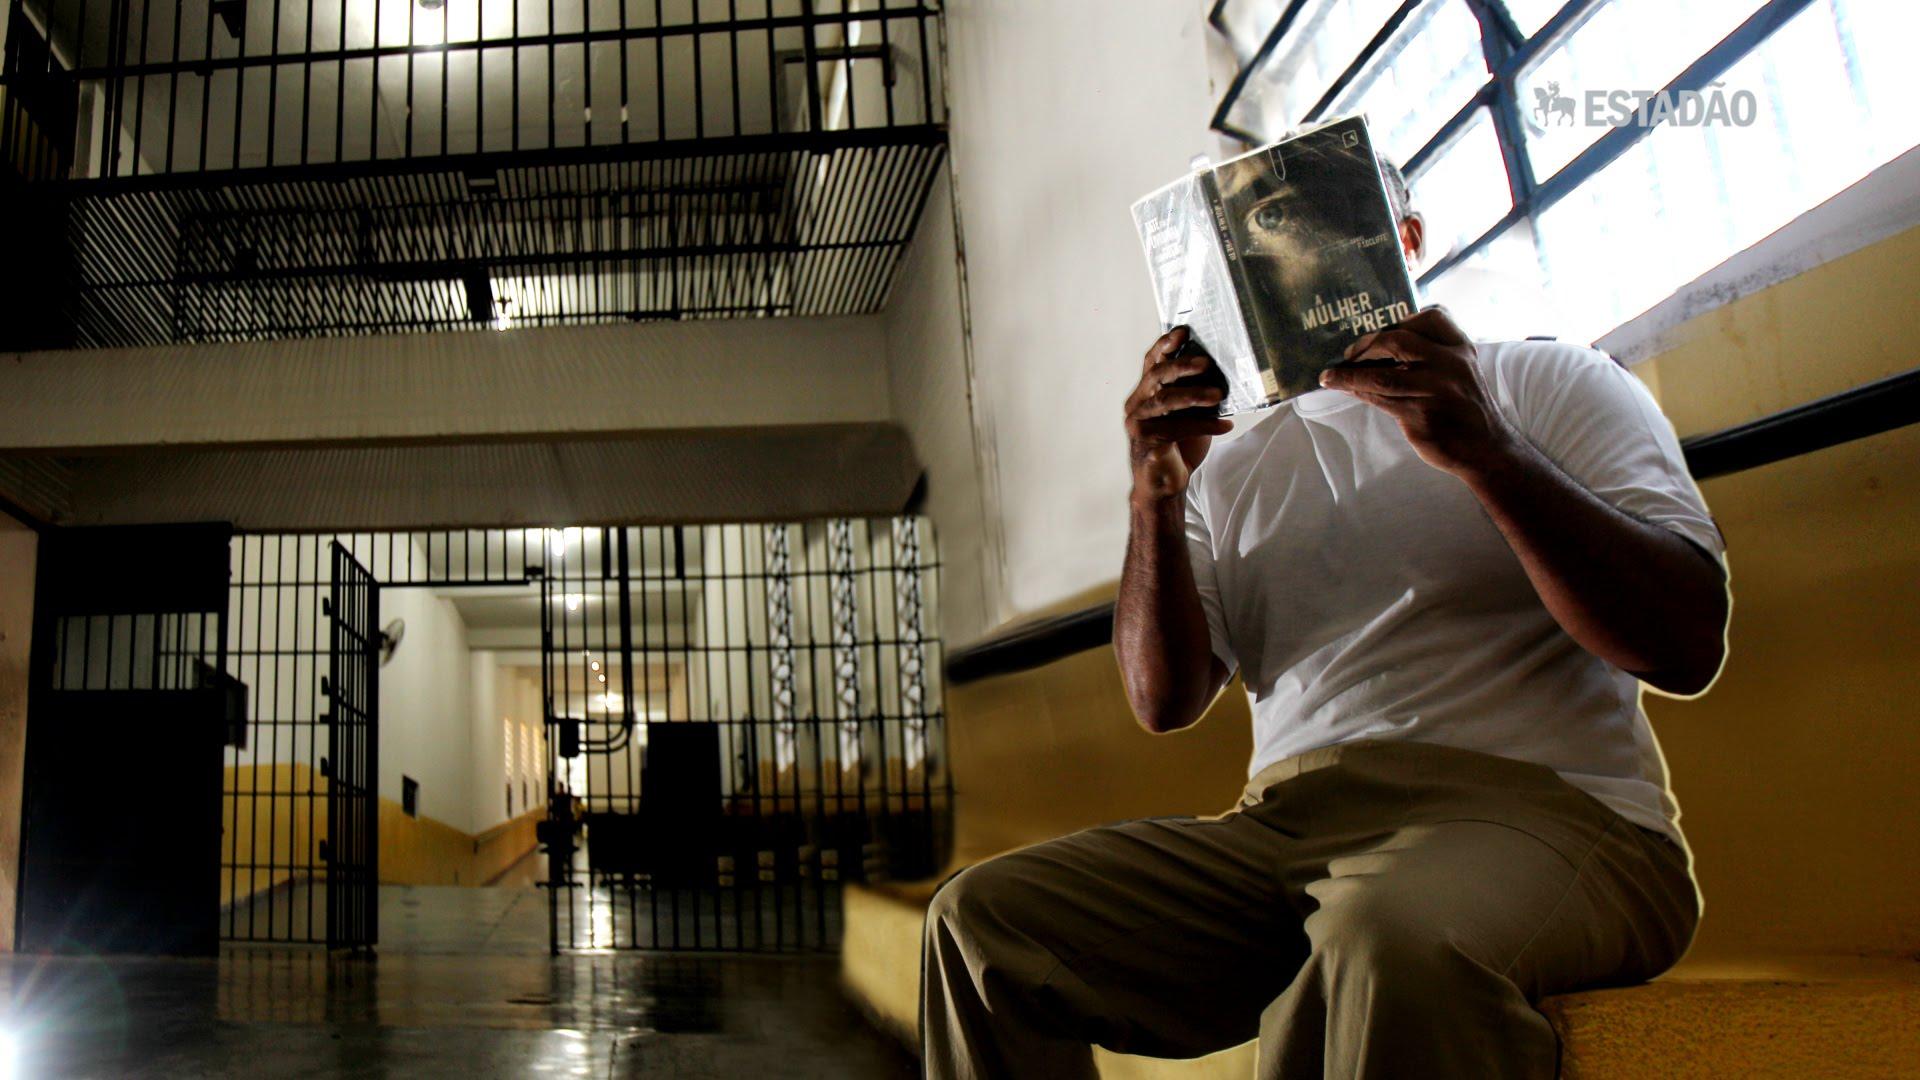 Projeto incentiva leitura entre os presos para reduzir pena